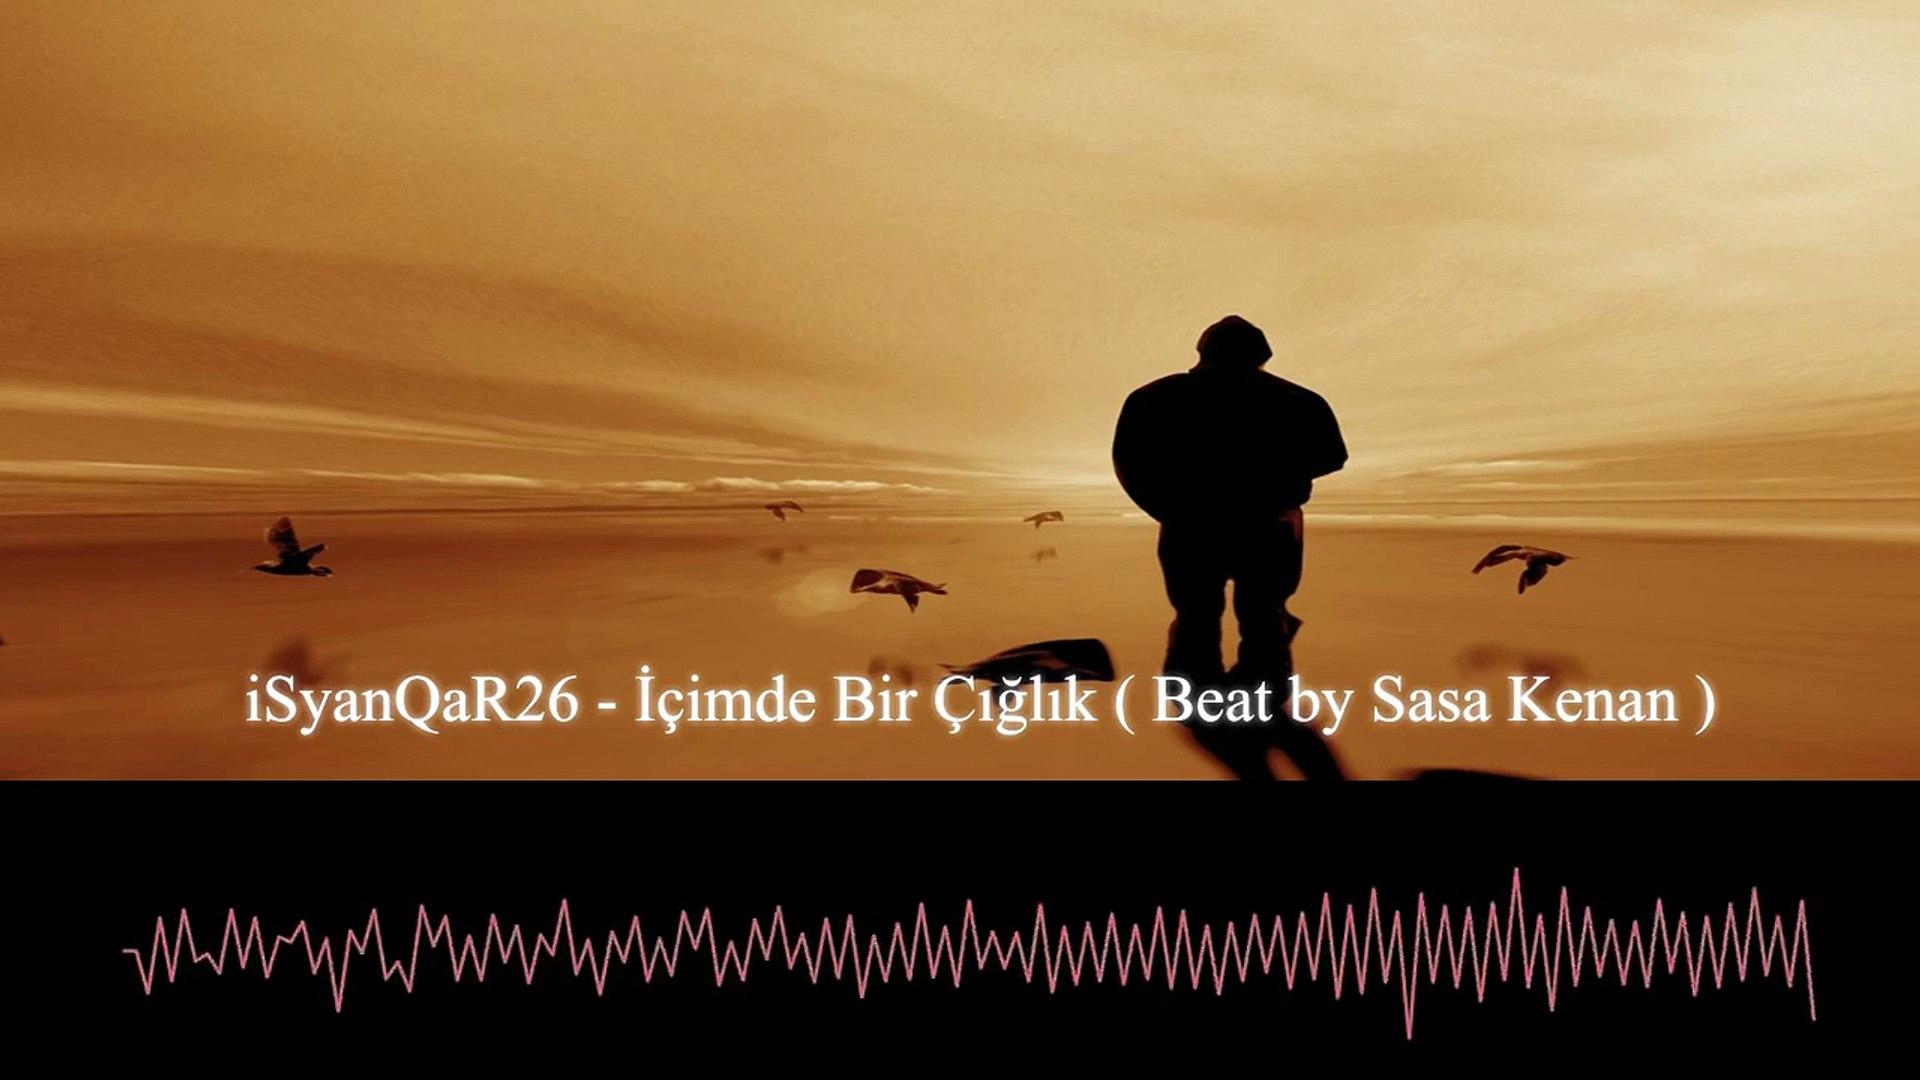 iSyanQaR26 - İçimde Bir Çığlık (Beat by Sasa Kenan)